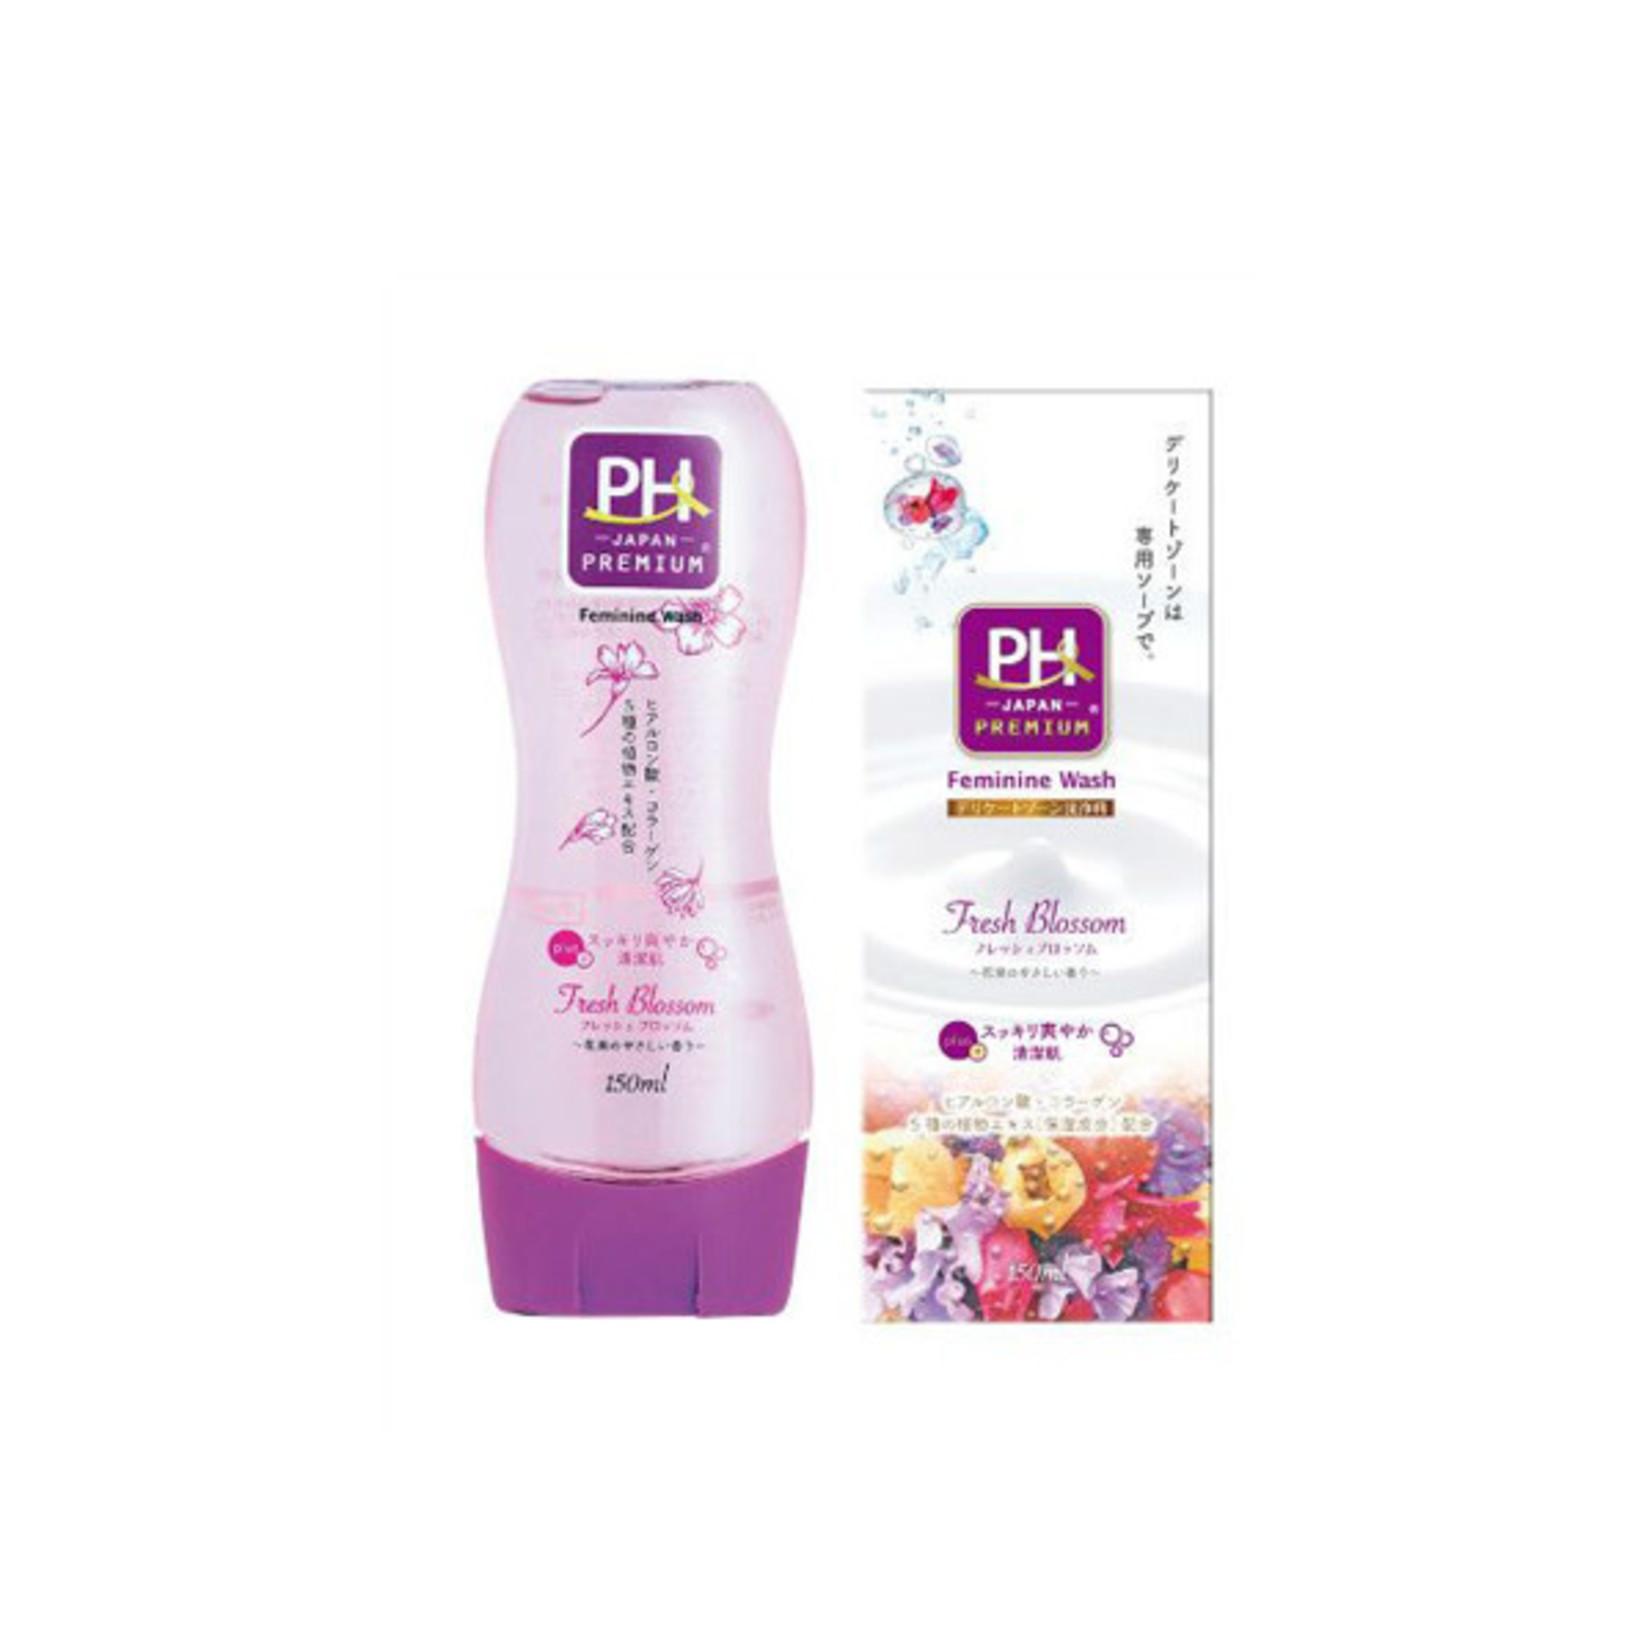 PH Japan Premium Feminine Wash Fresh Blossom 150ml